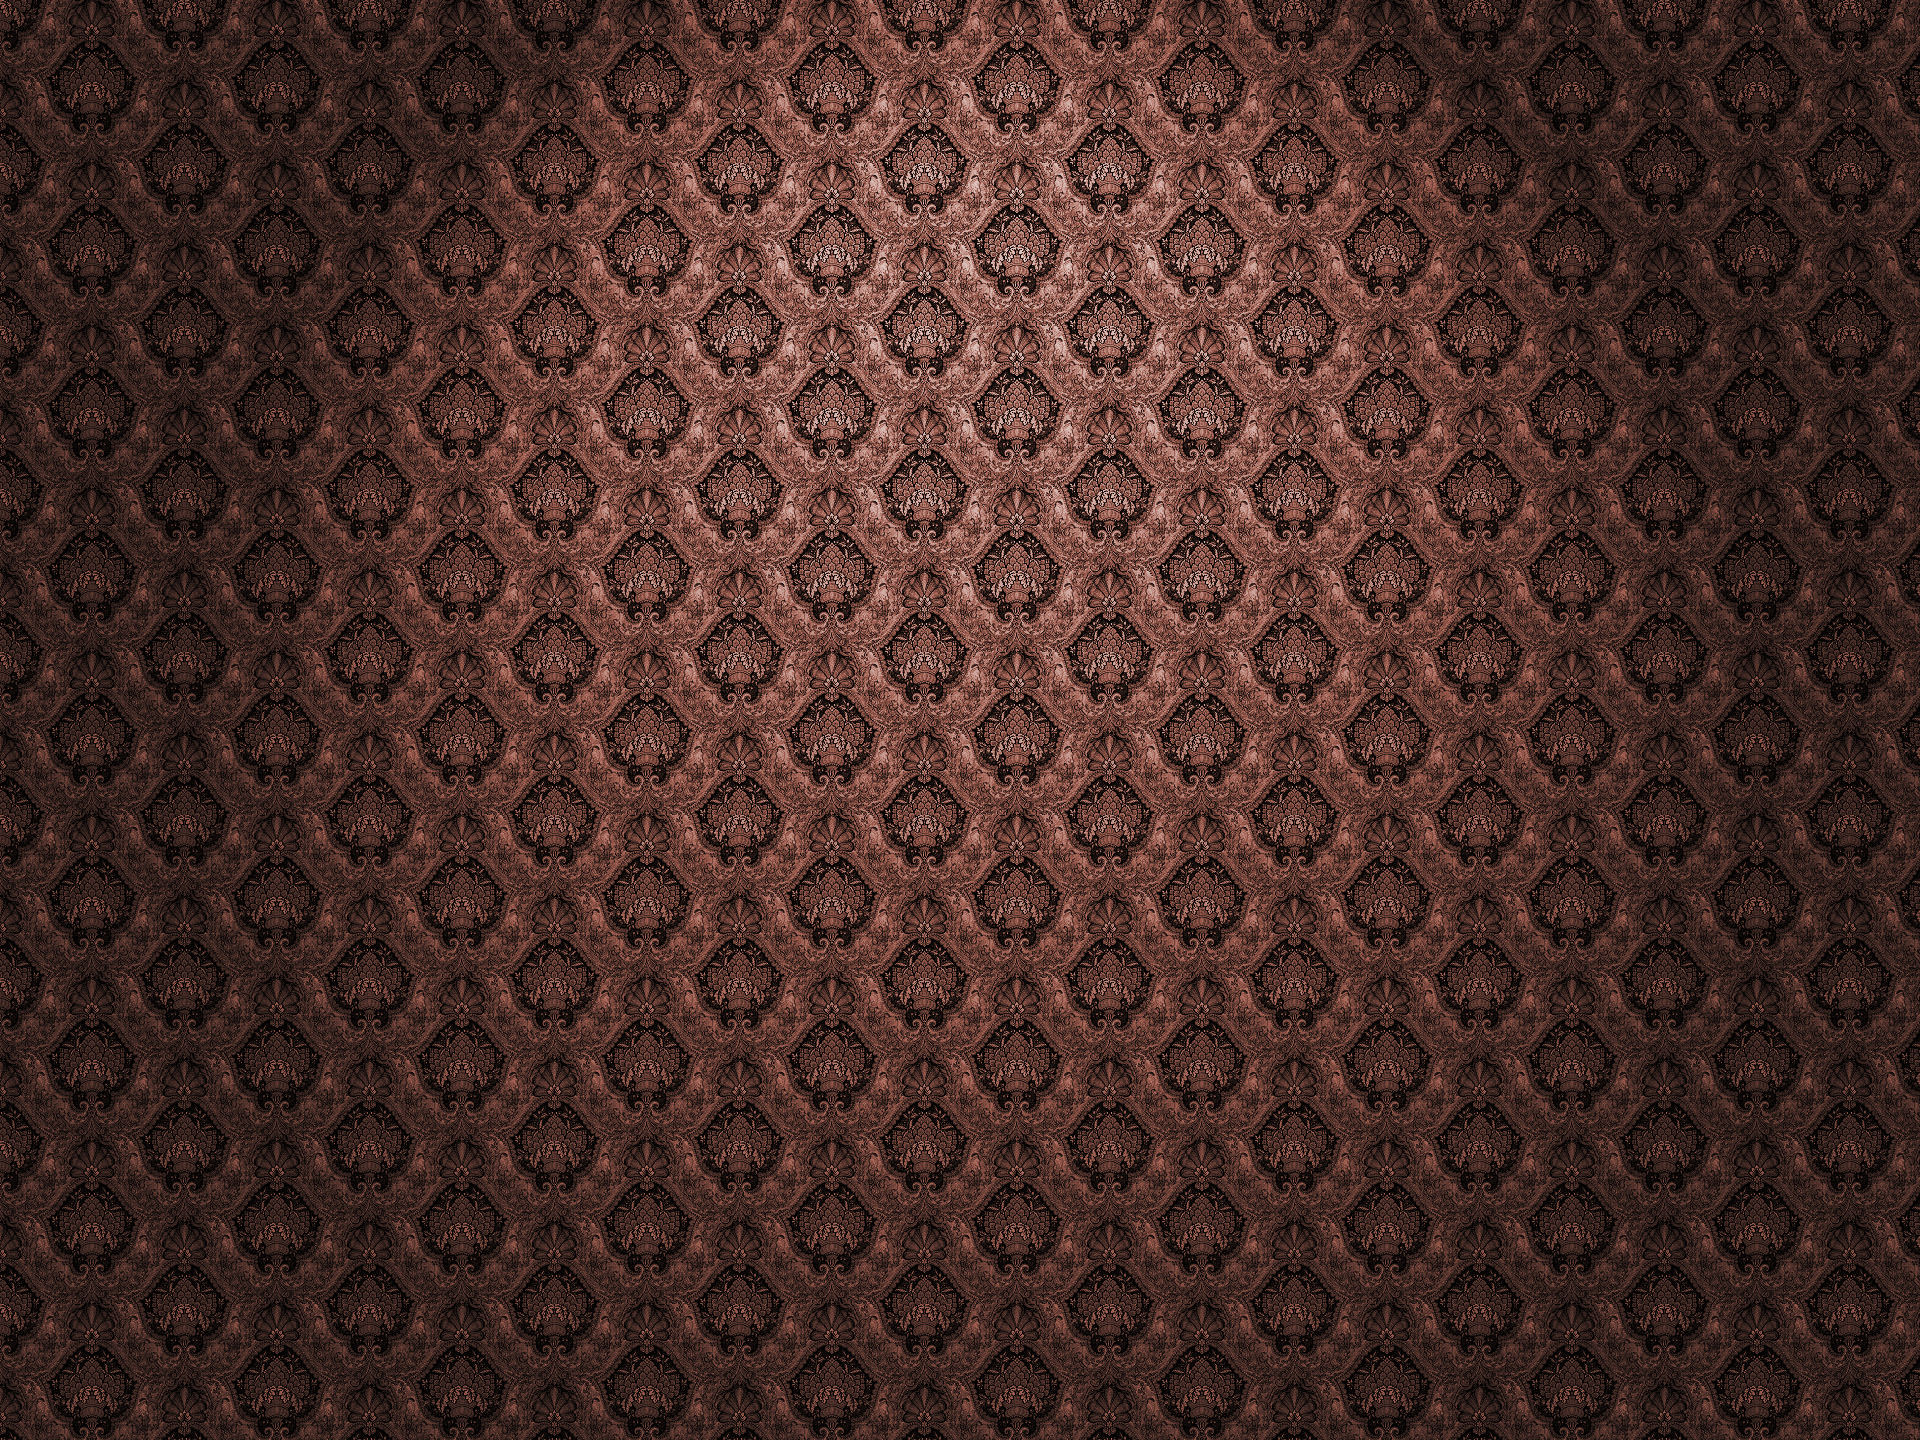 popular wallpaper patterns 2015   Grasscloth Wallpaper 1920x1440